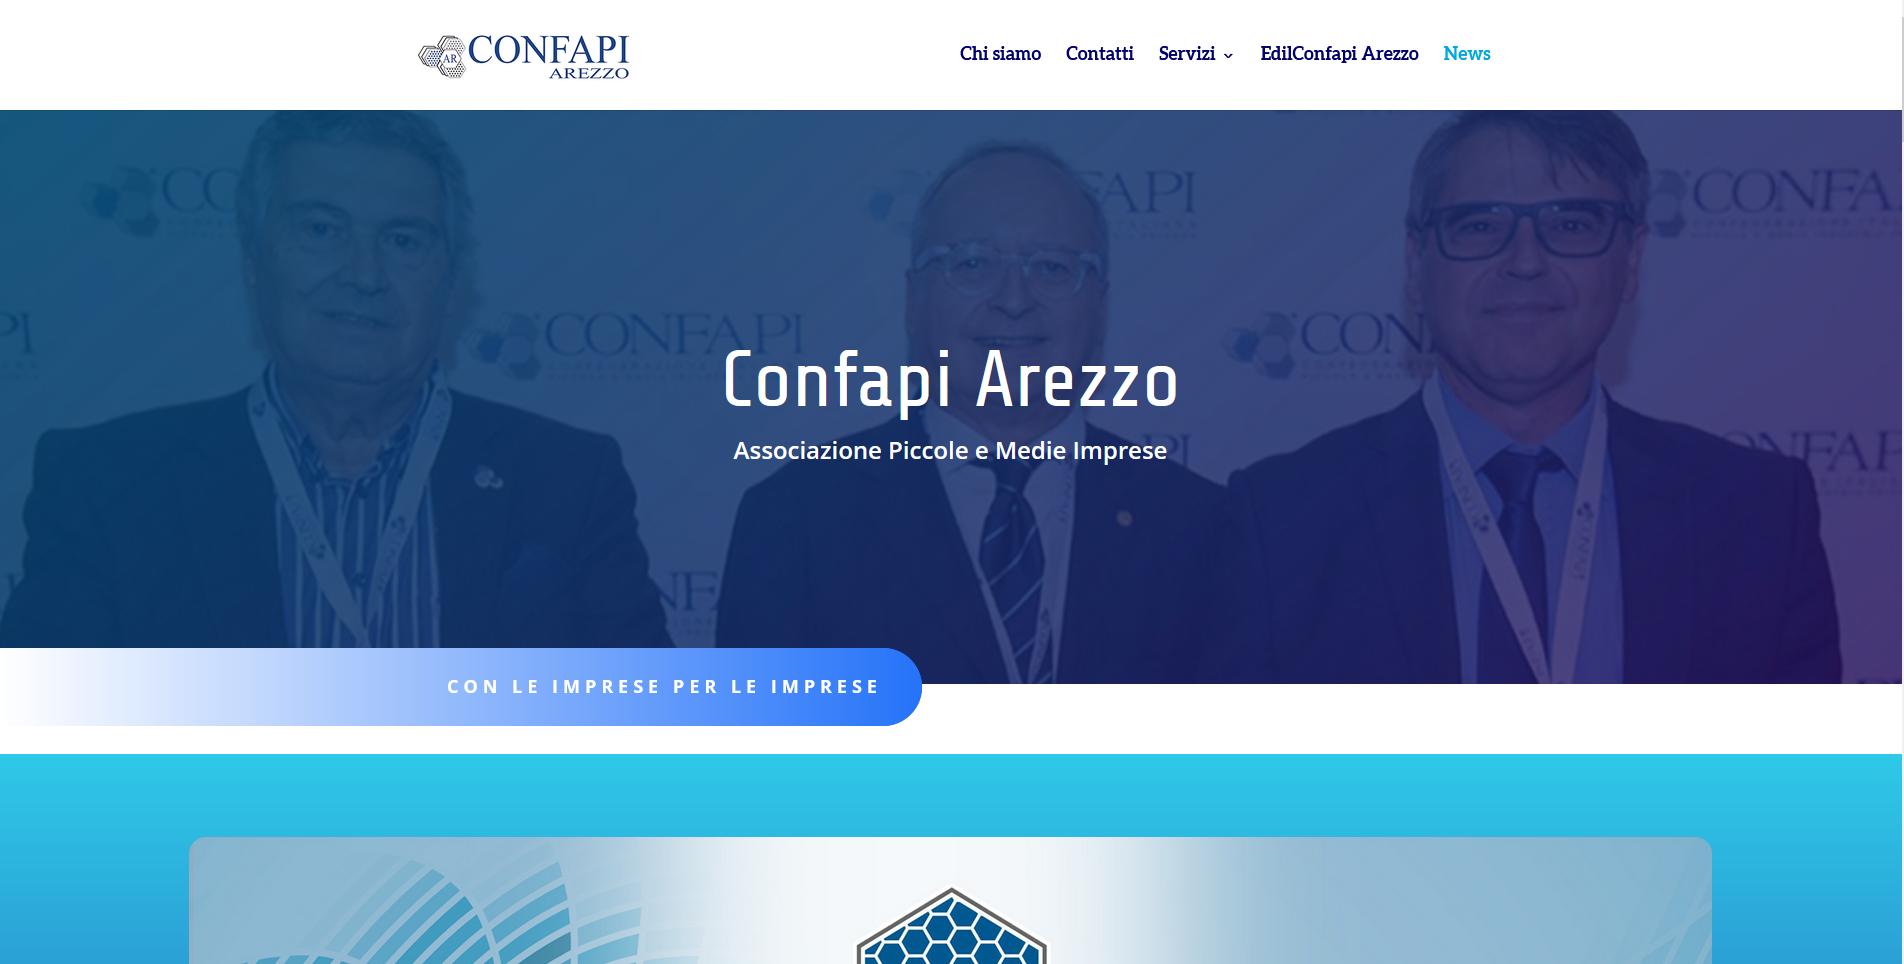 Confapi Arezzo